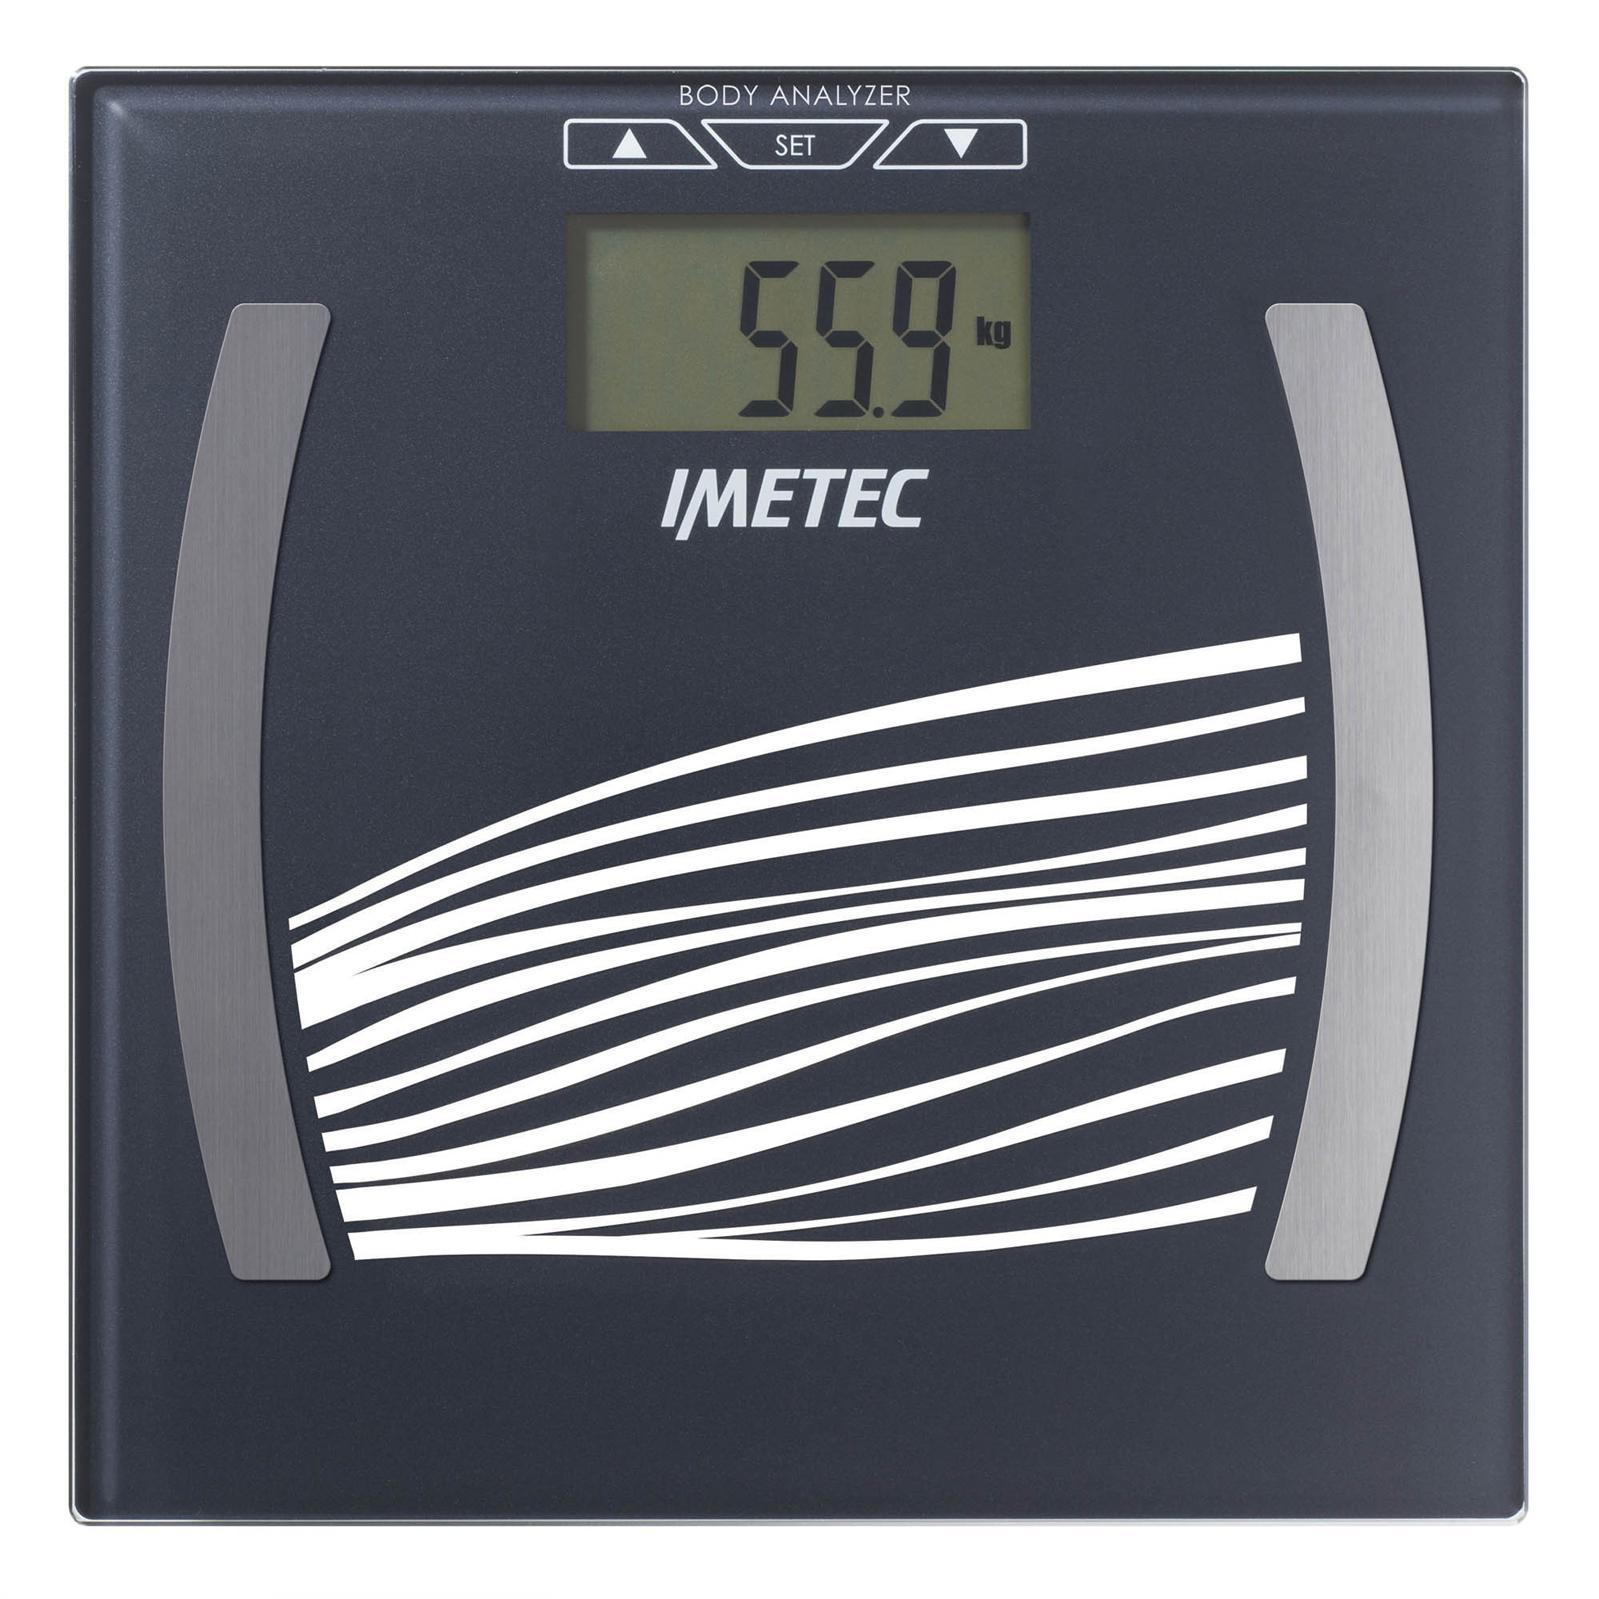 Imetec 5123, Black весы напольные электронные5123Imetec 5123 Весы напольные 180 кг,сенс.панель,стекло,черн.